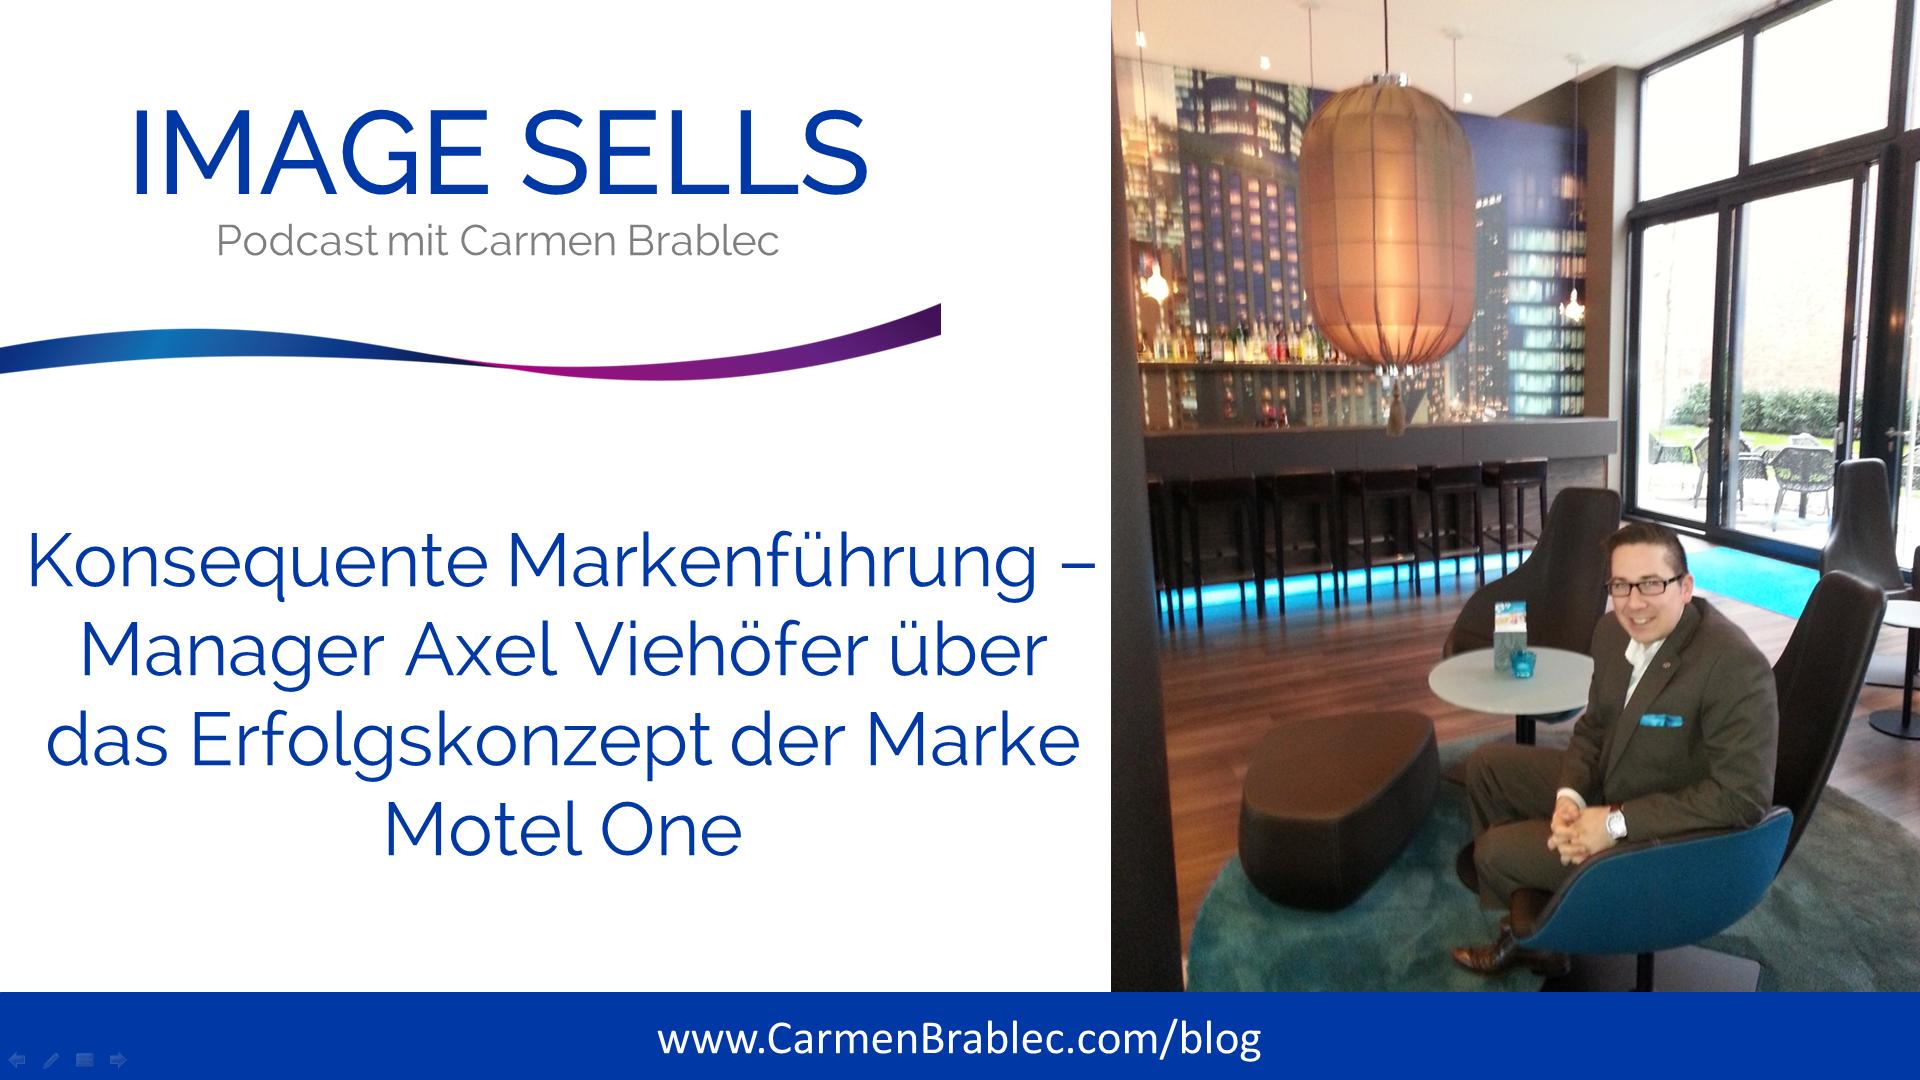 Konsequente Markenführung – das Erfolgskonzept der Marke Motel One